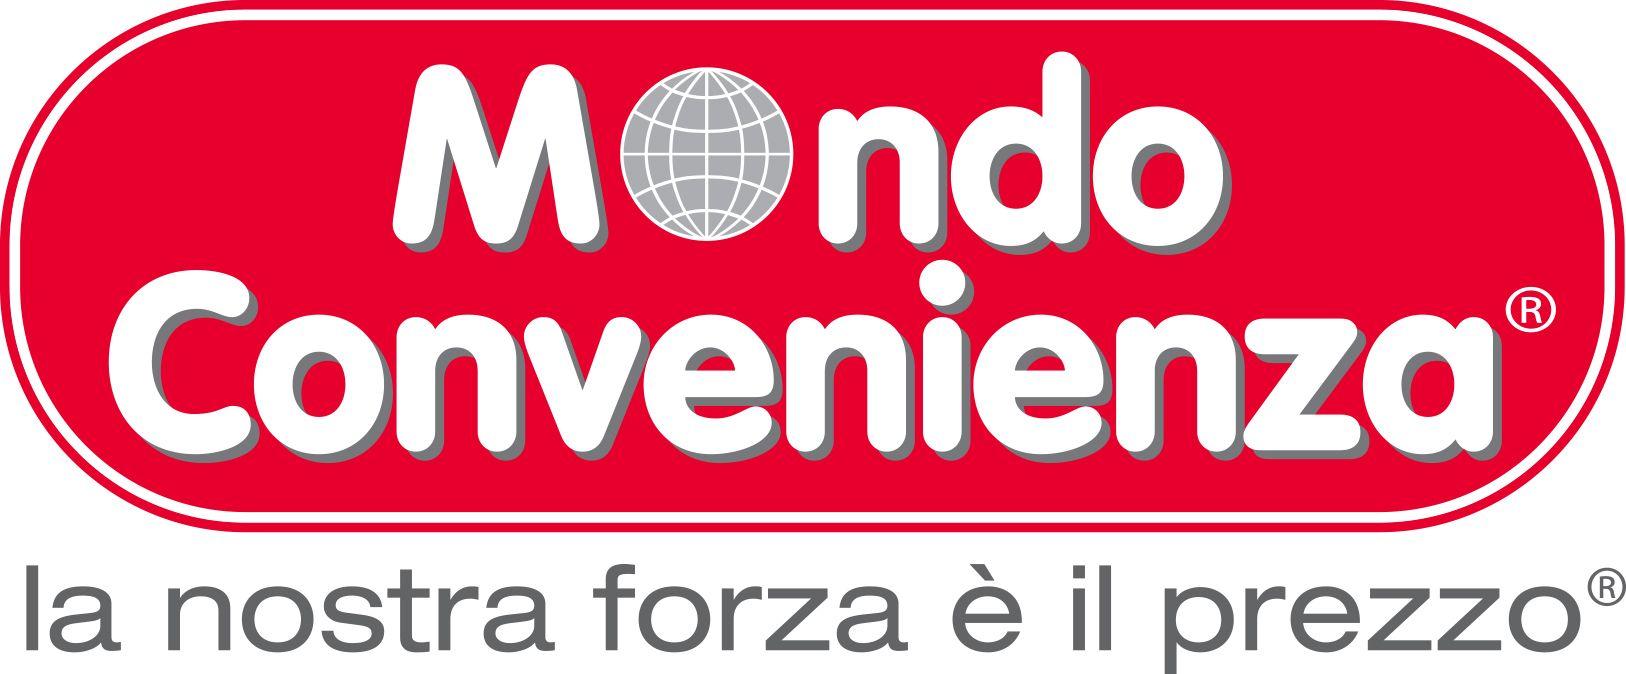 Architetto Catania Lavoro mondo convenienza assume architetti/geometri: posizioni aperte